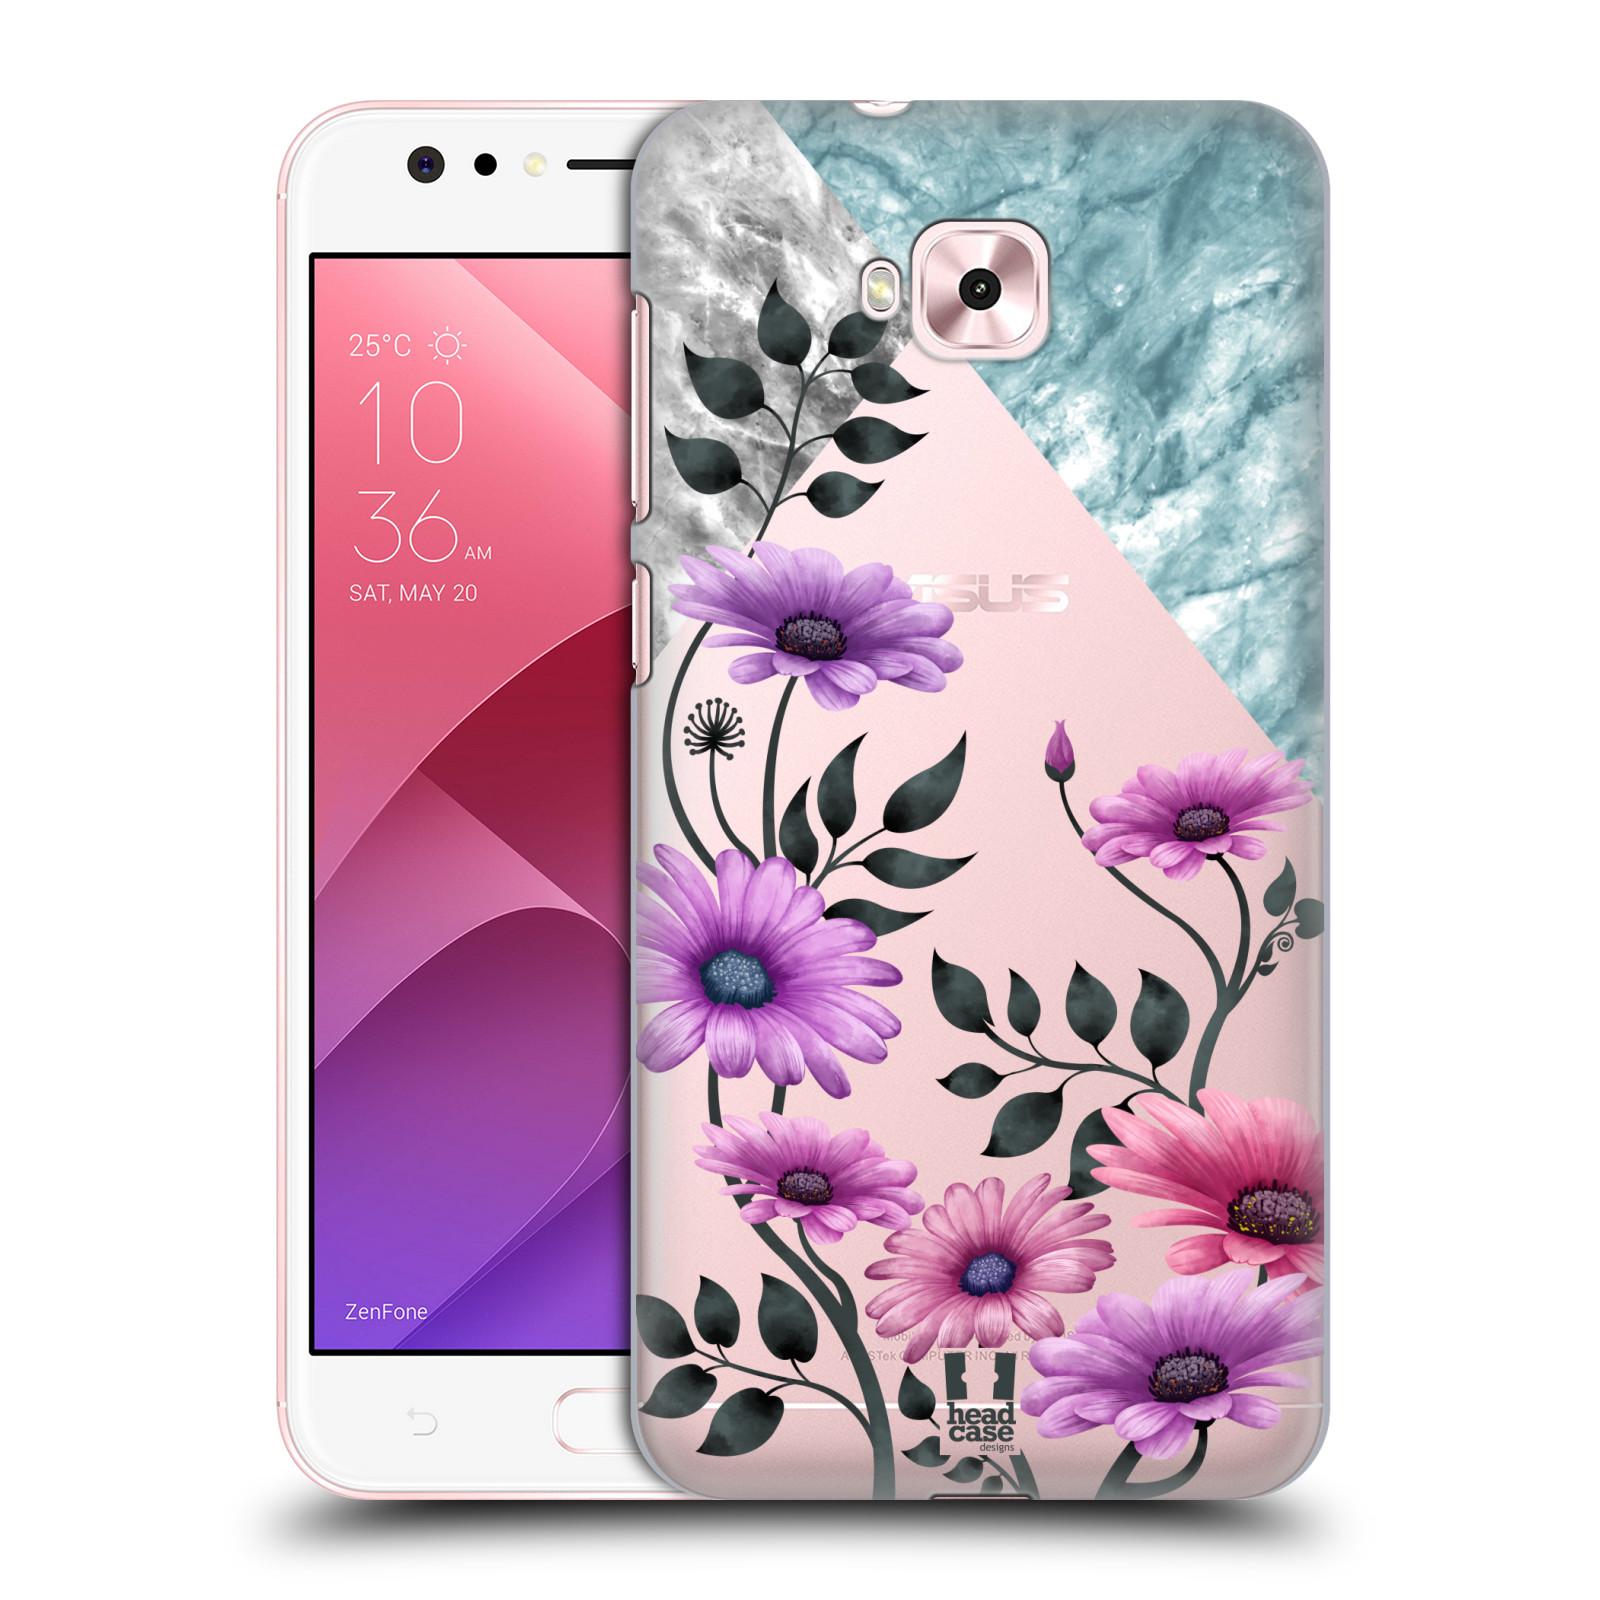 HEAD CASE plastový obal na mobil Asus Zenfone 4 Selfie ZD553KL květiny hvězdnice, Aster fialová a modrá